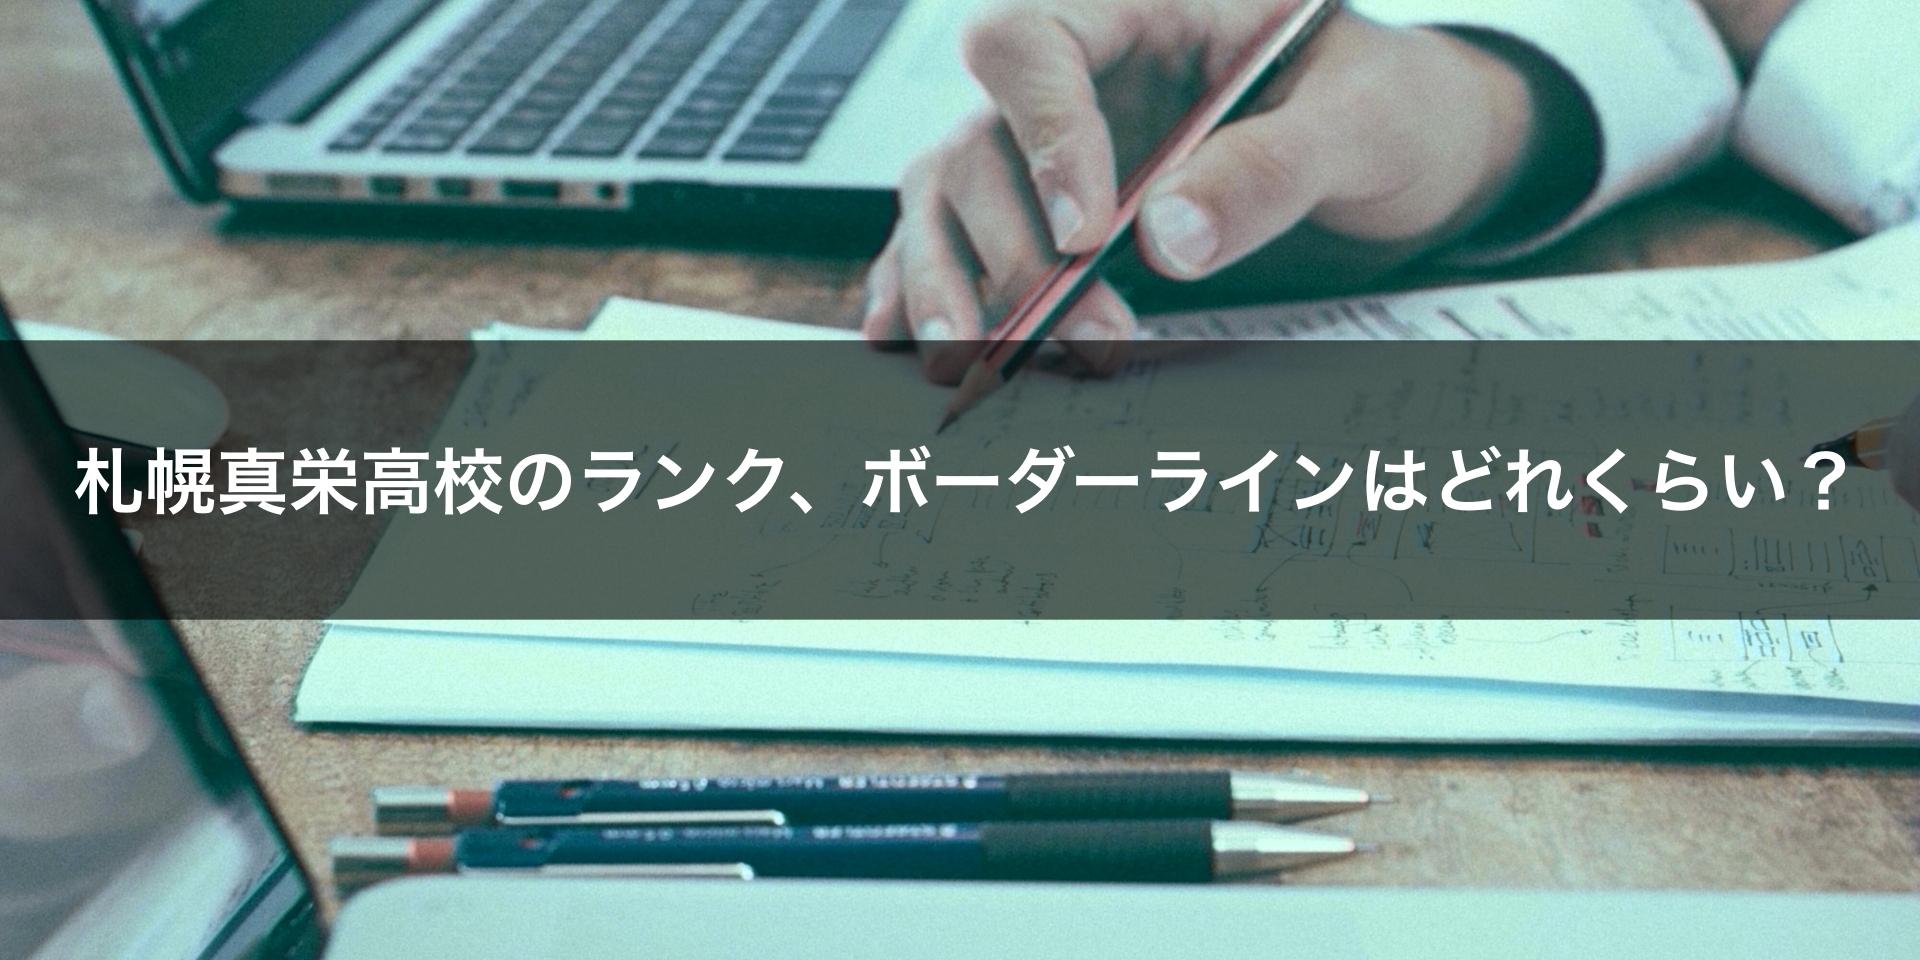 札幌真栄高校のランク、ボーダーラインはどれくらい?